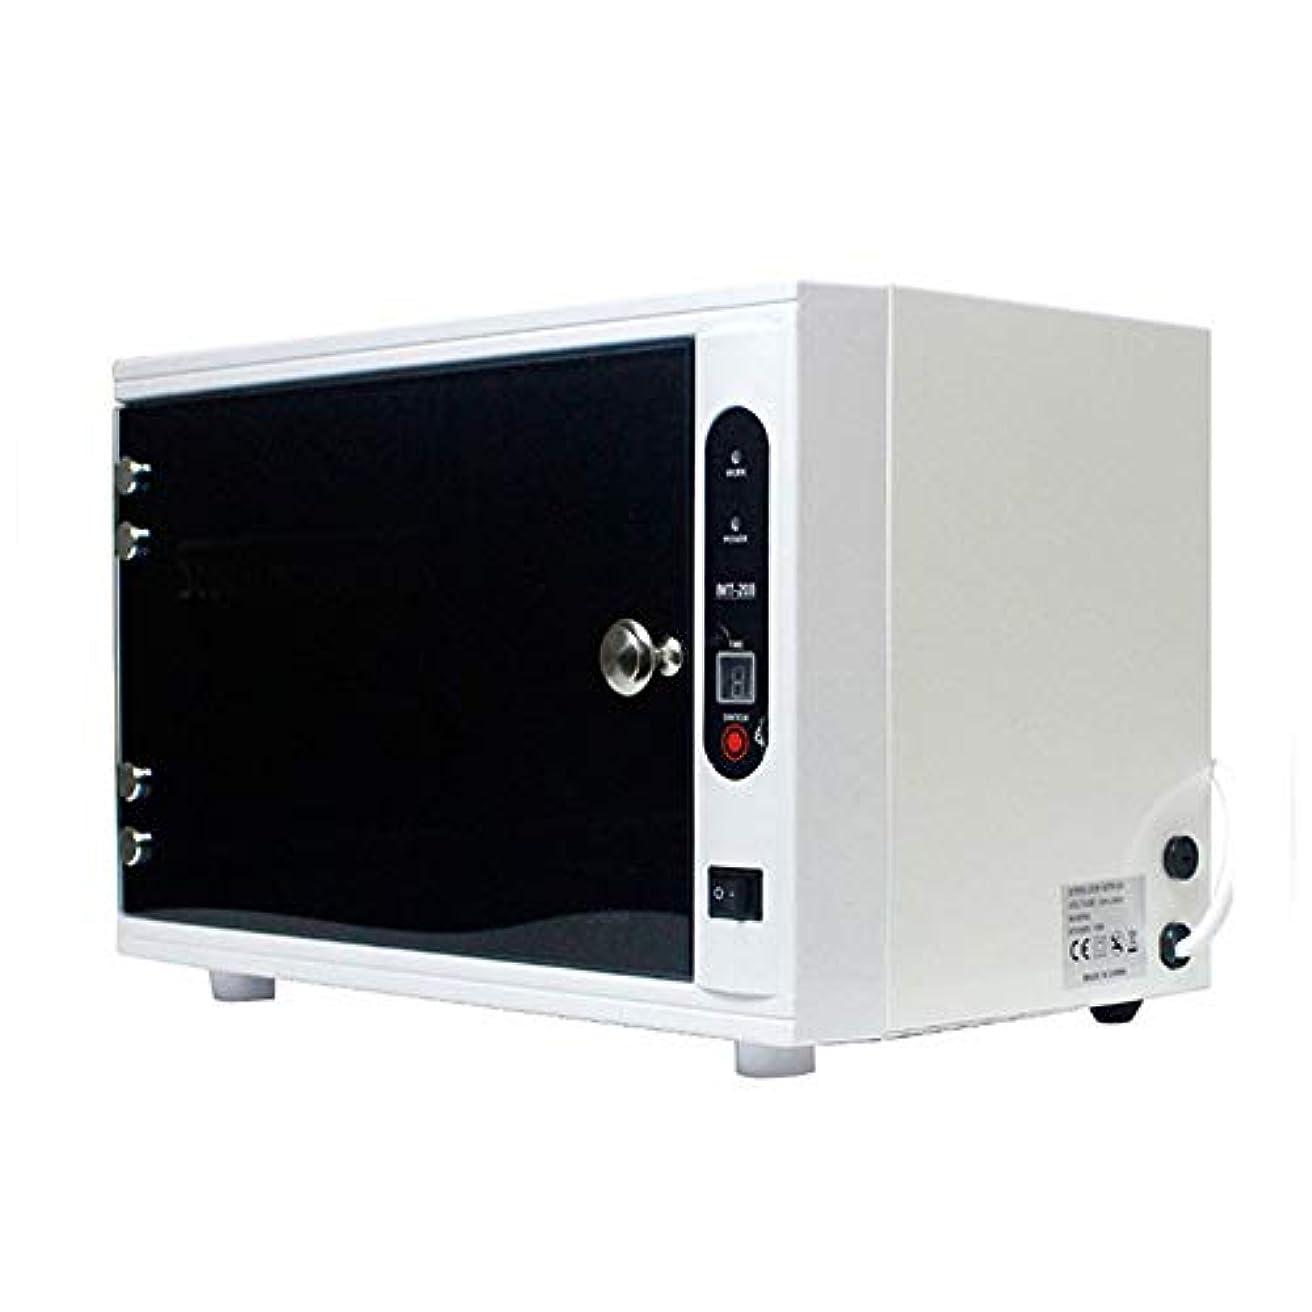 メリータールコンサート釘の滅菌装置機械消毒箱、紫外線消毒のキャビネット、LED表示が付いている専門のマニキュア用具の滅菌装置